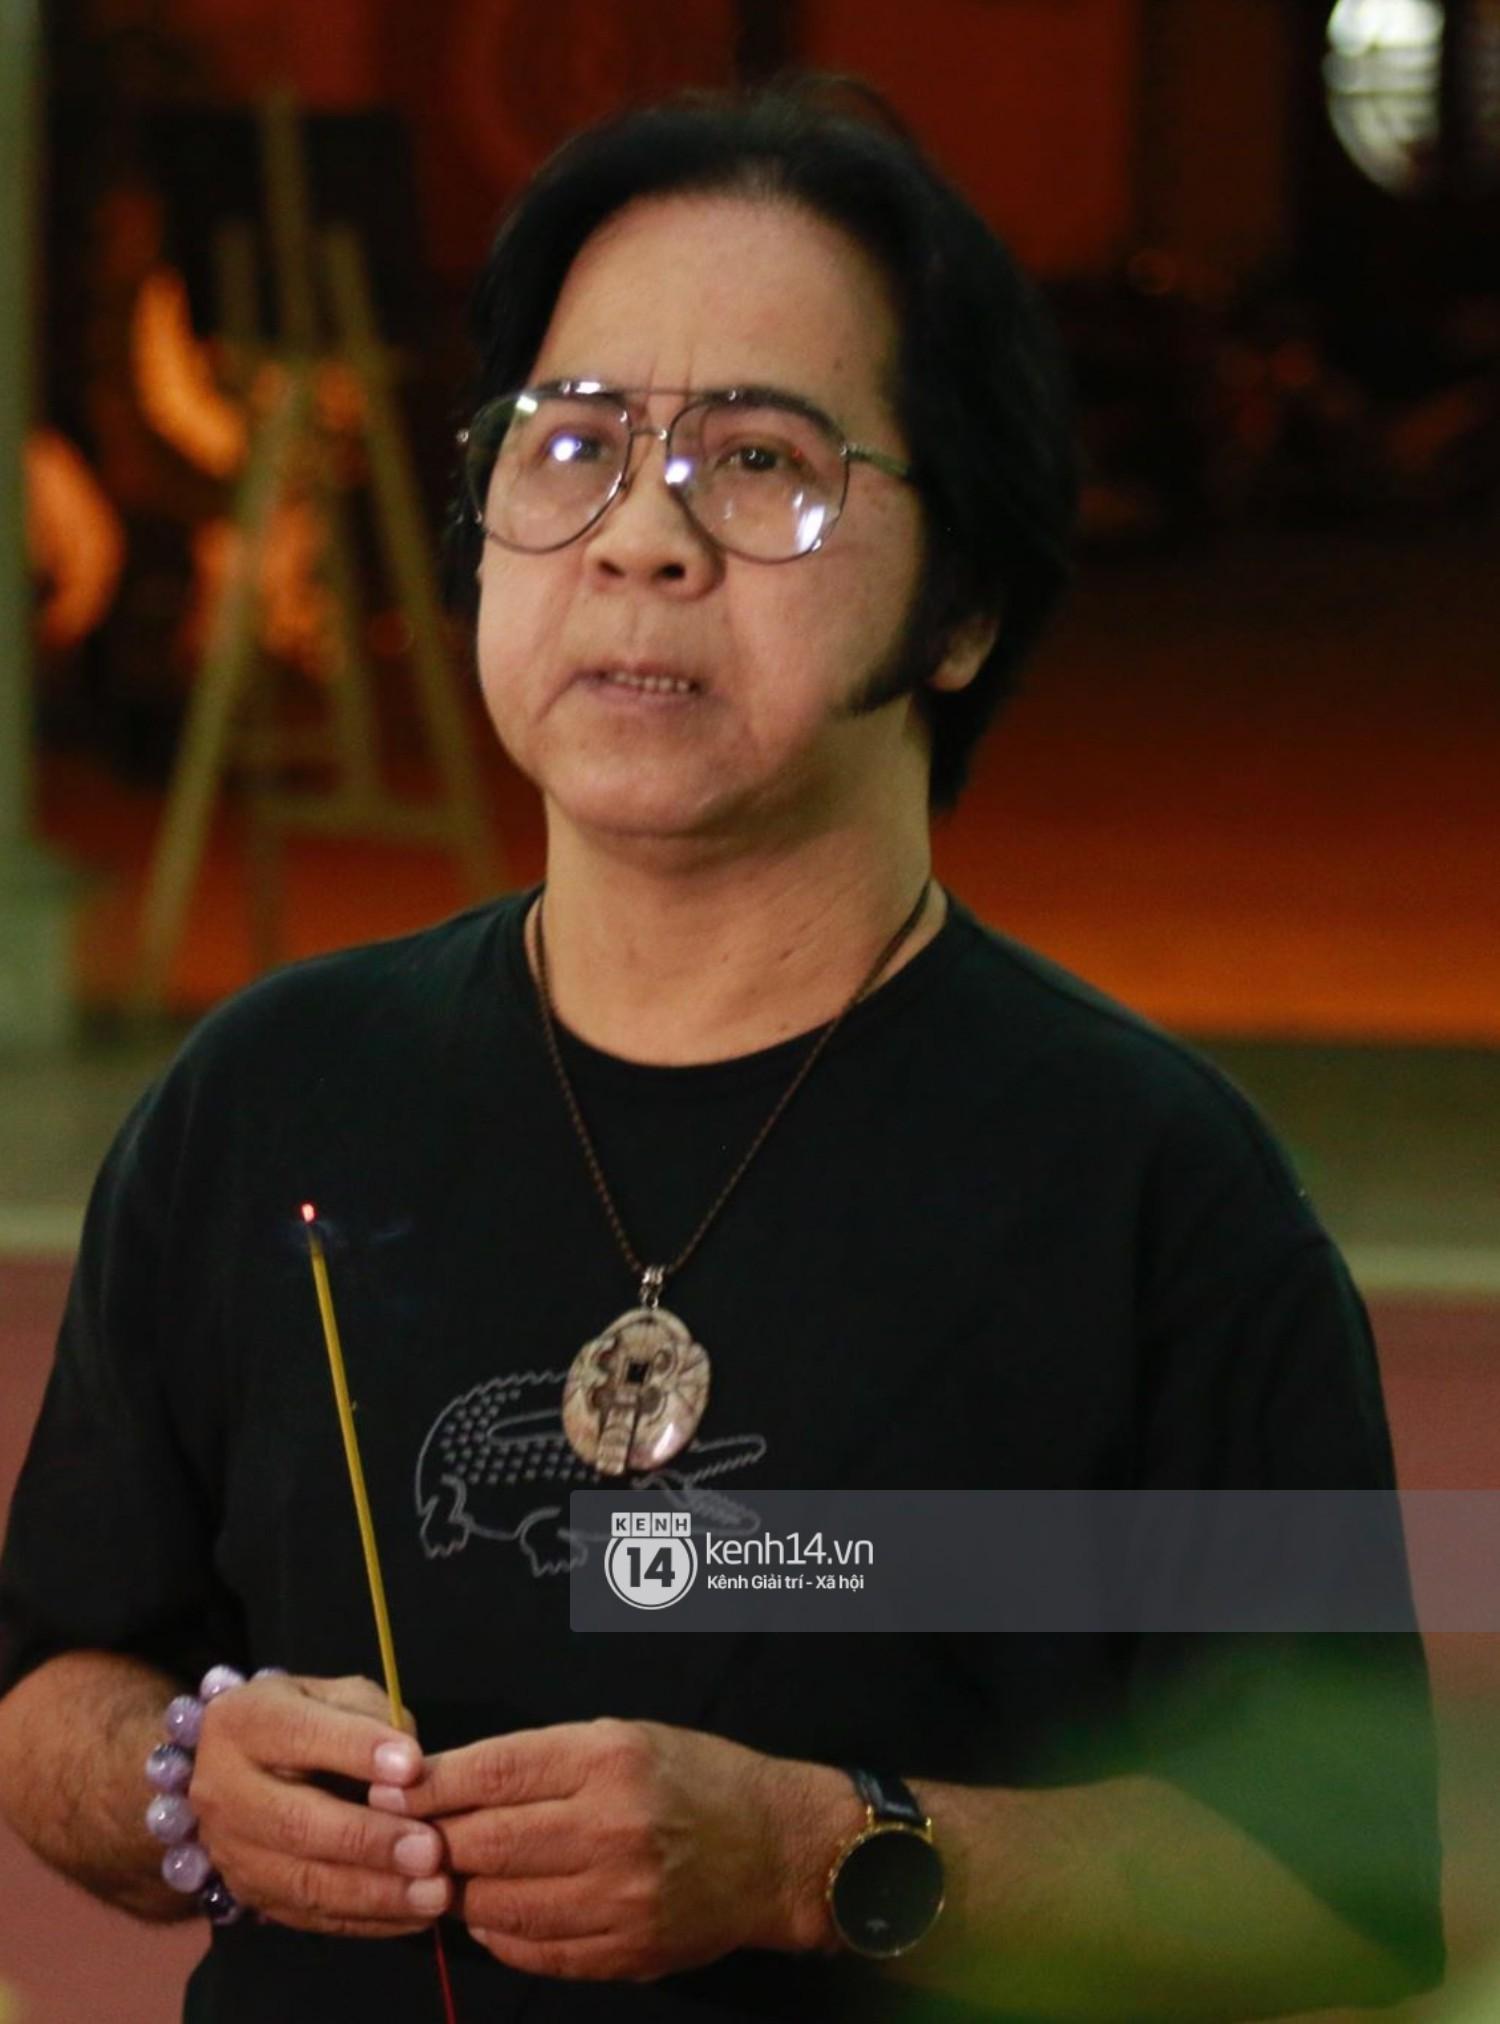 Dàn nghệ sĩ bất chấp mưa lớn tới thắp nhang cho nghệ sĩ Lê Bình trong buổi tối thứ hai tang lễ - Ảnh 9.